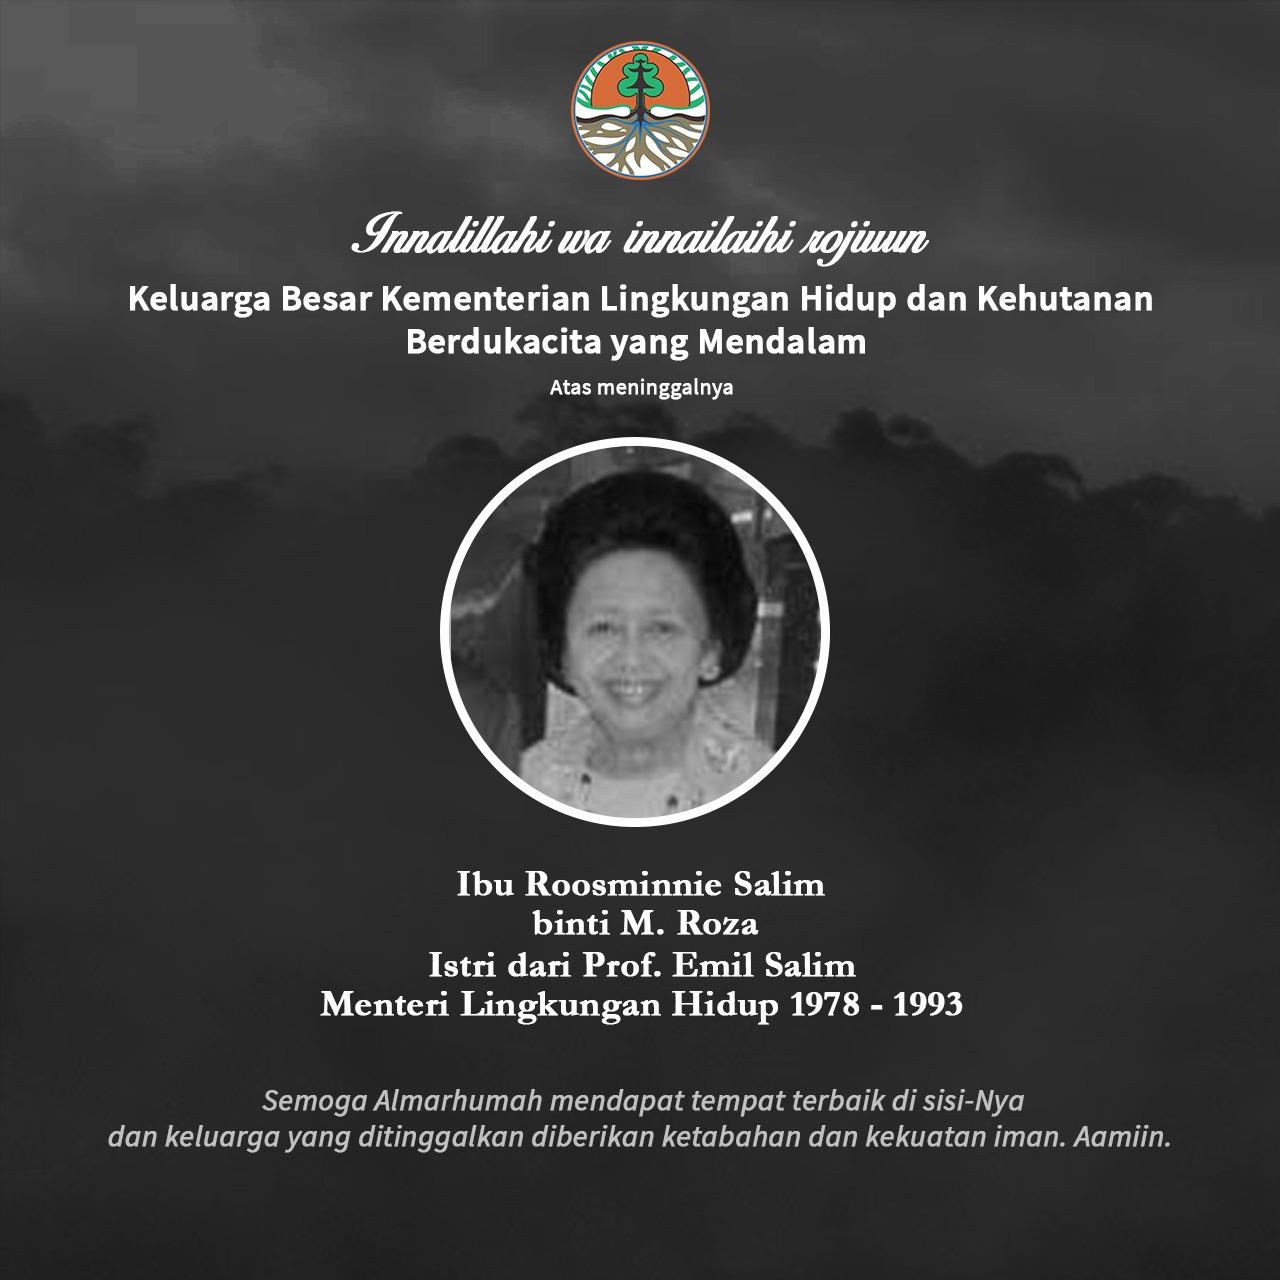 Ibu Roosminnie Salim binti M. Roza, istri dari Prof. Emil Salim